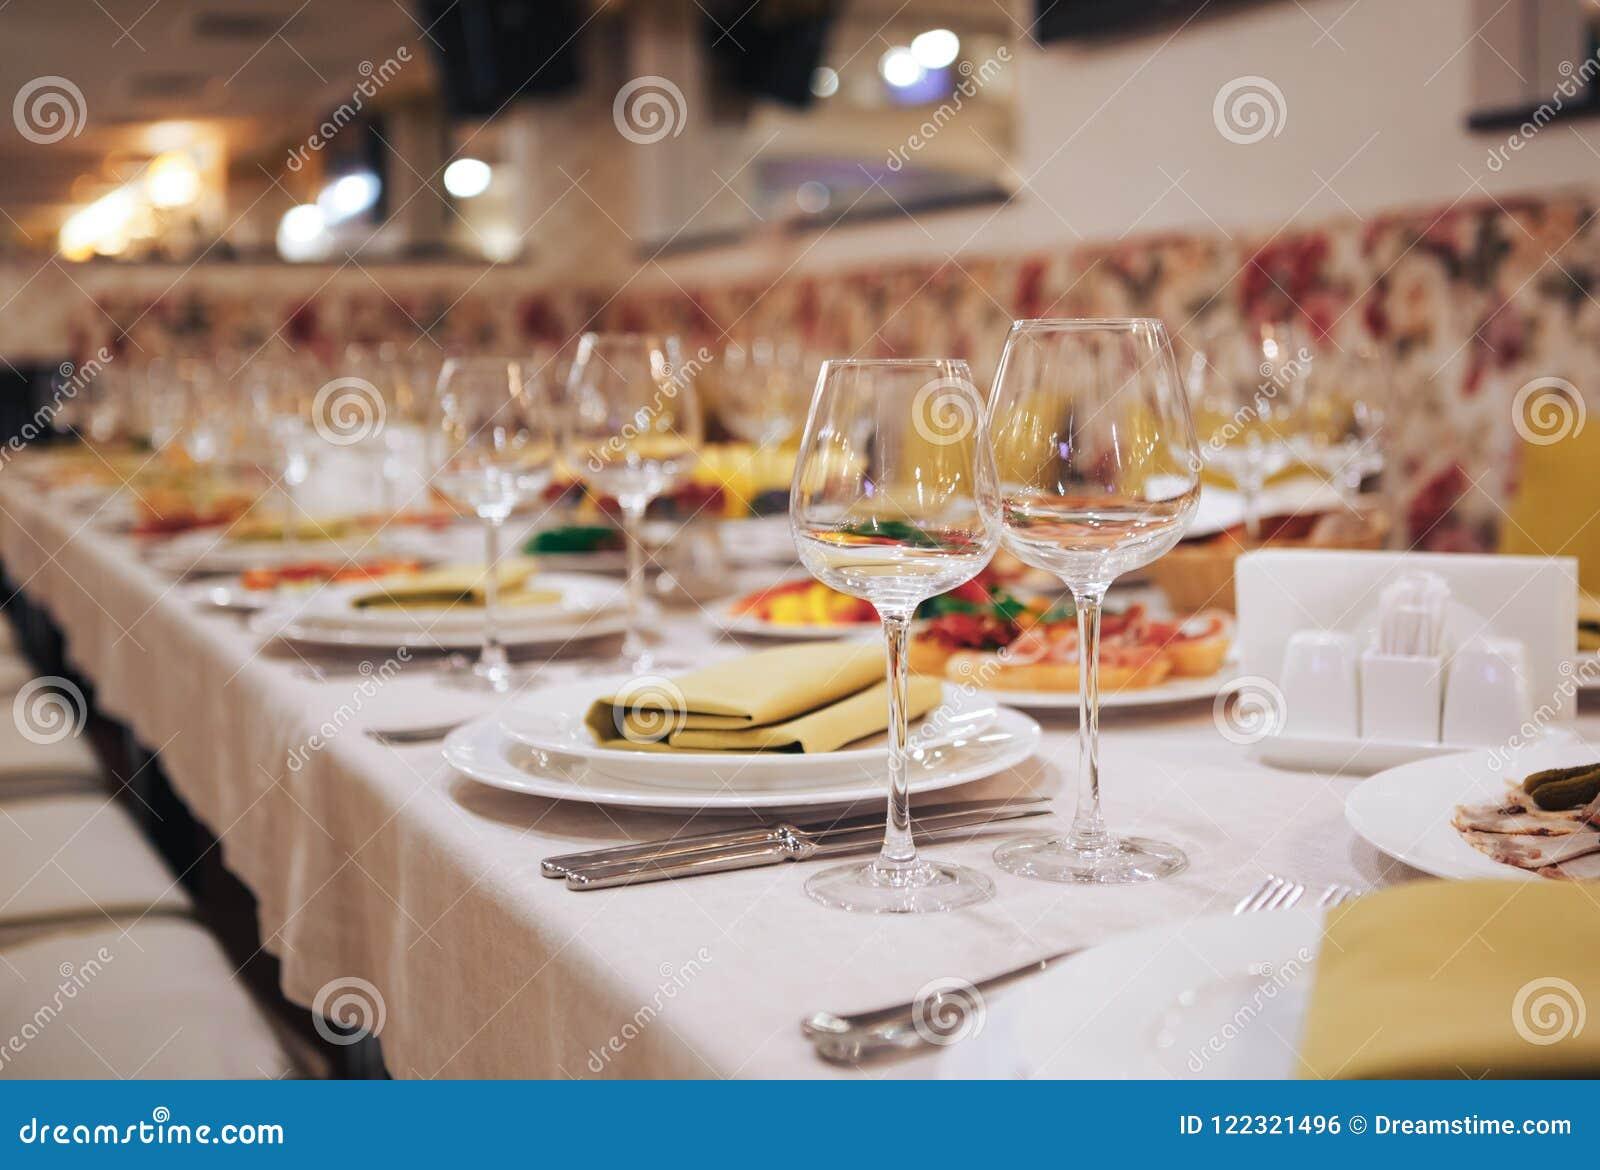 Стеклоизделие и столовый прибор для поставленного еду события Красивая сервировка стола с посудой для партии